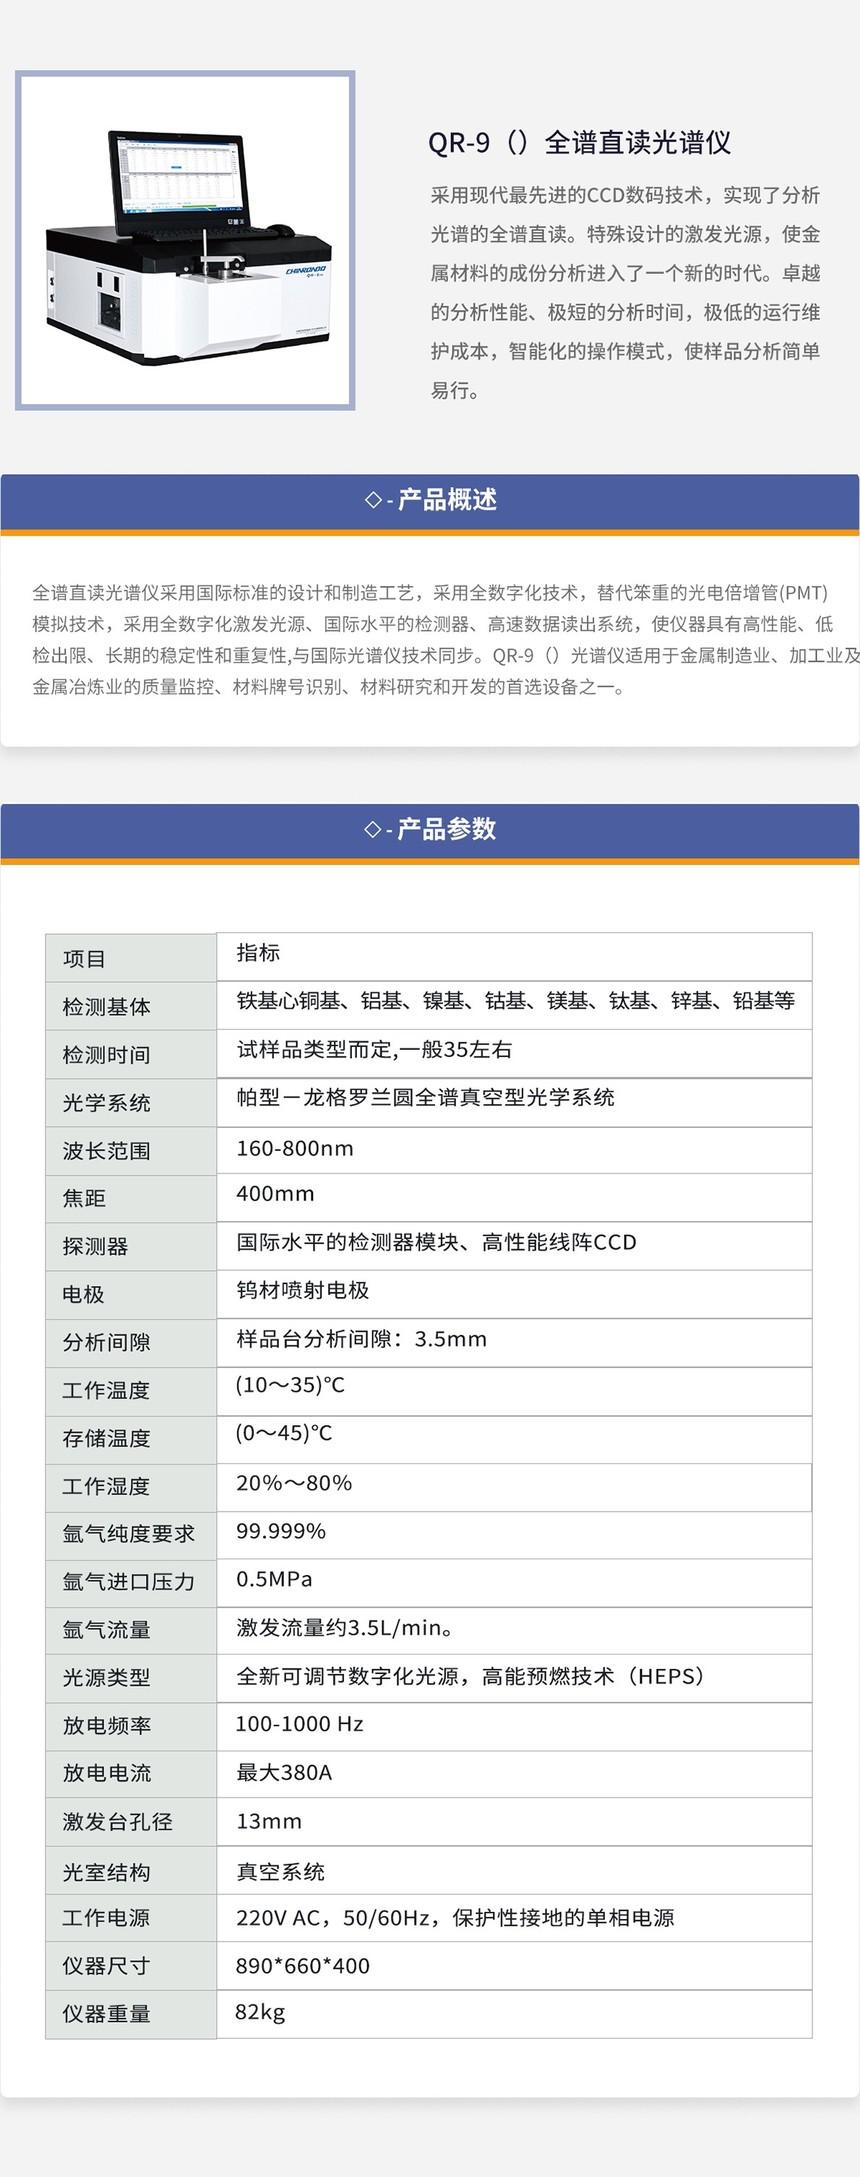 产品中心-全谱直读光谱仪_02.jpg